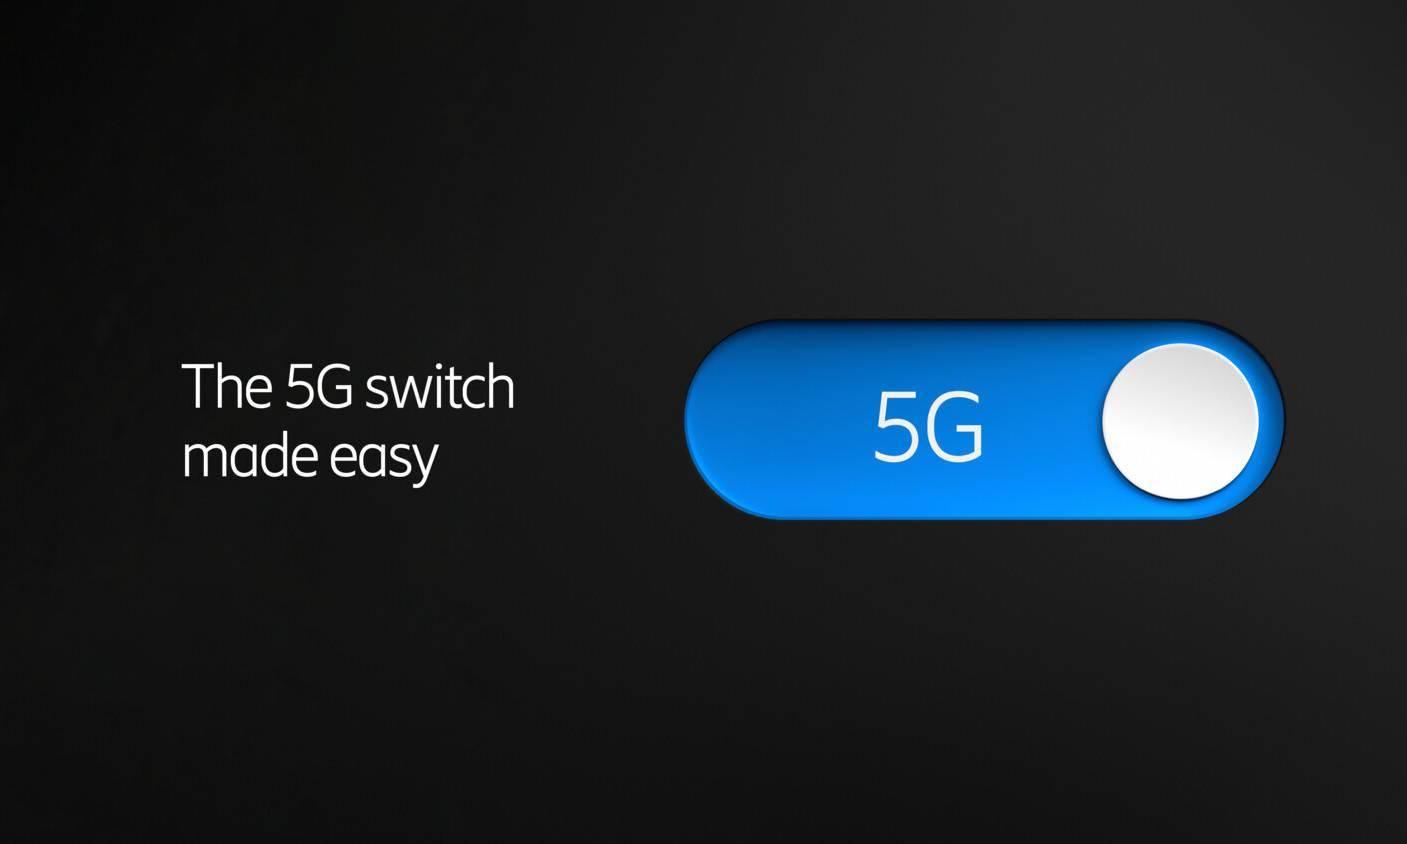 资费高昂,信号羸弱!超过56万韩国5G用户重返4G